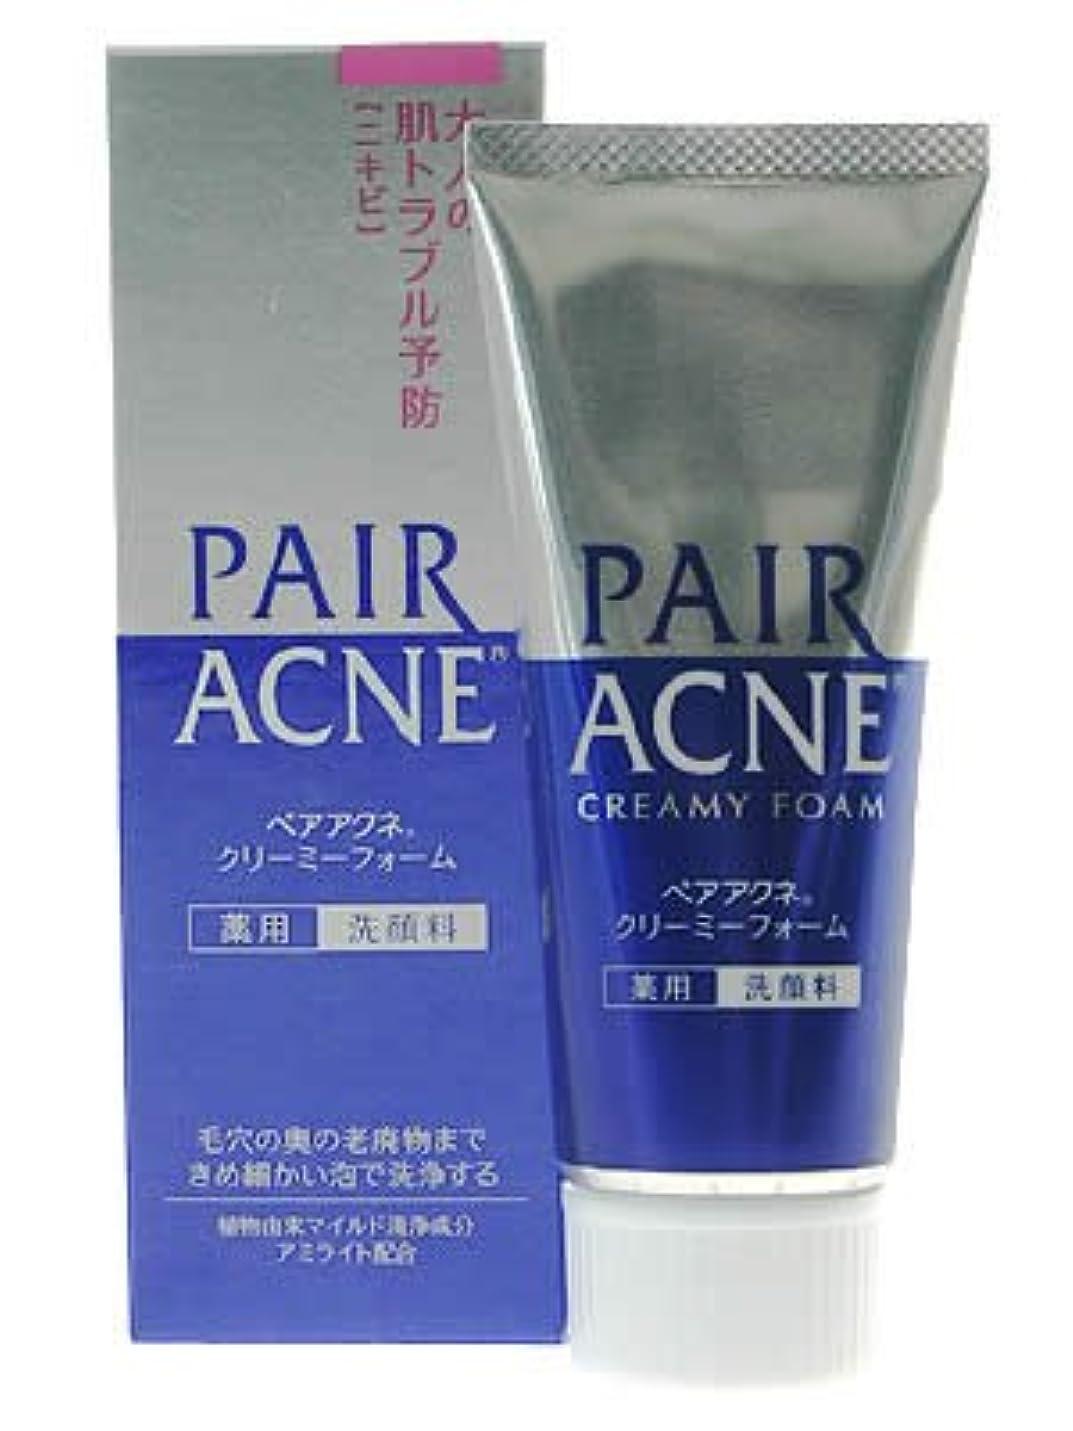 階層教える記述するペアアクネ クリーミーフォーム 薬用洗顔料 80g(医薬部外品)